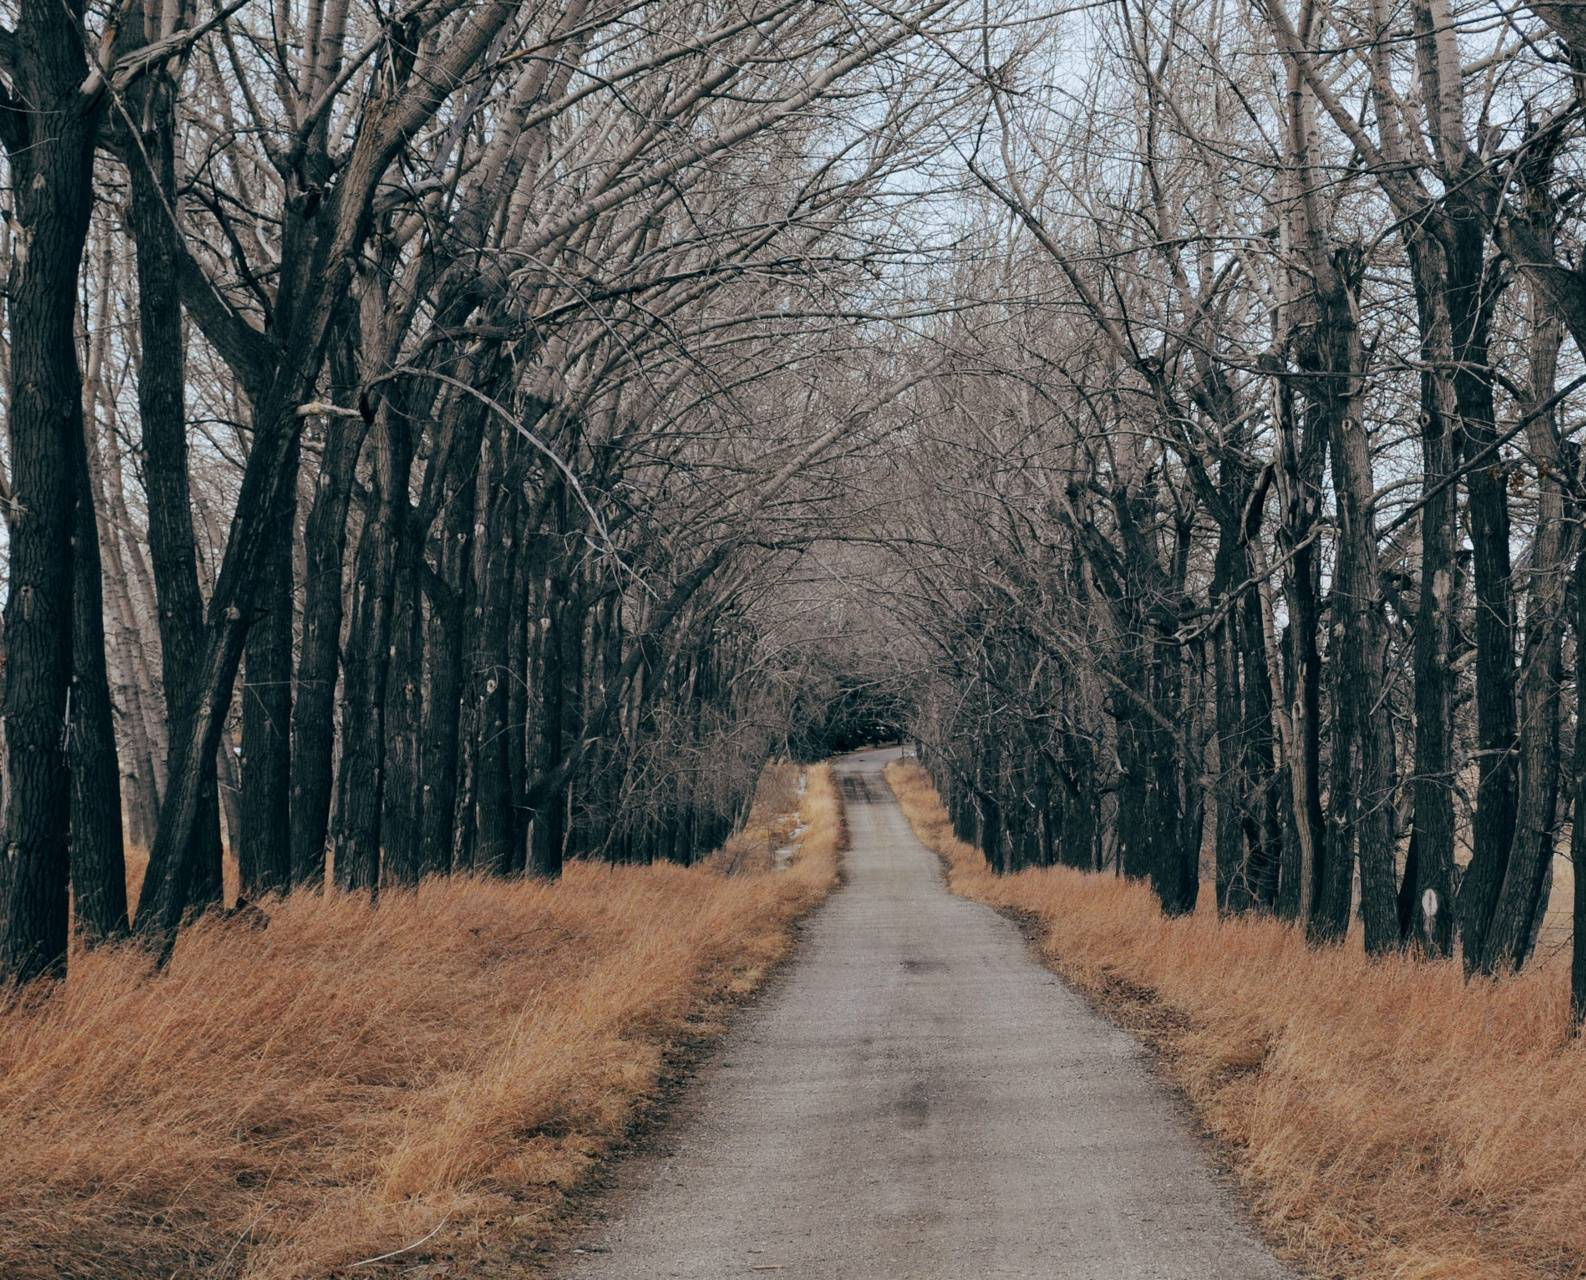 trees along